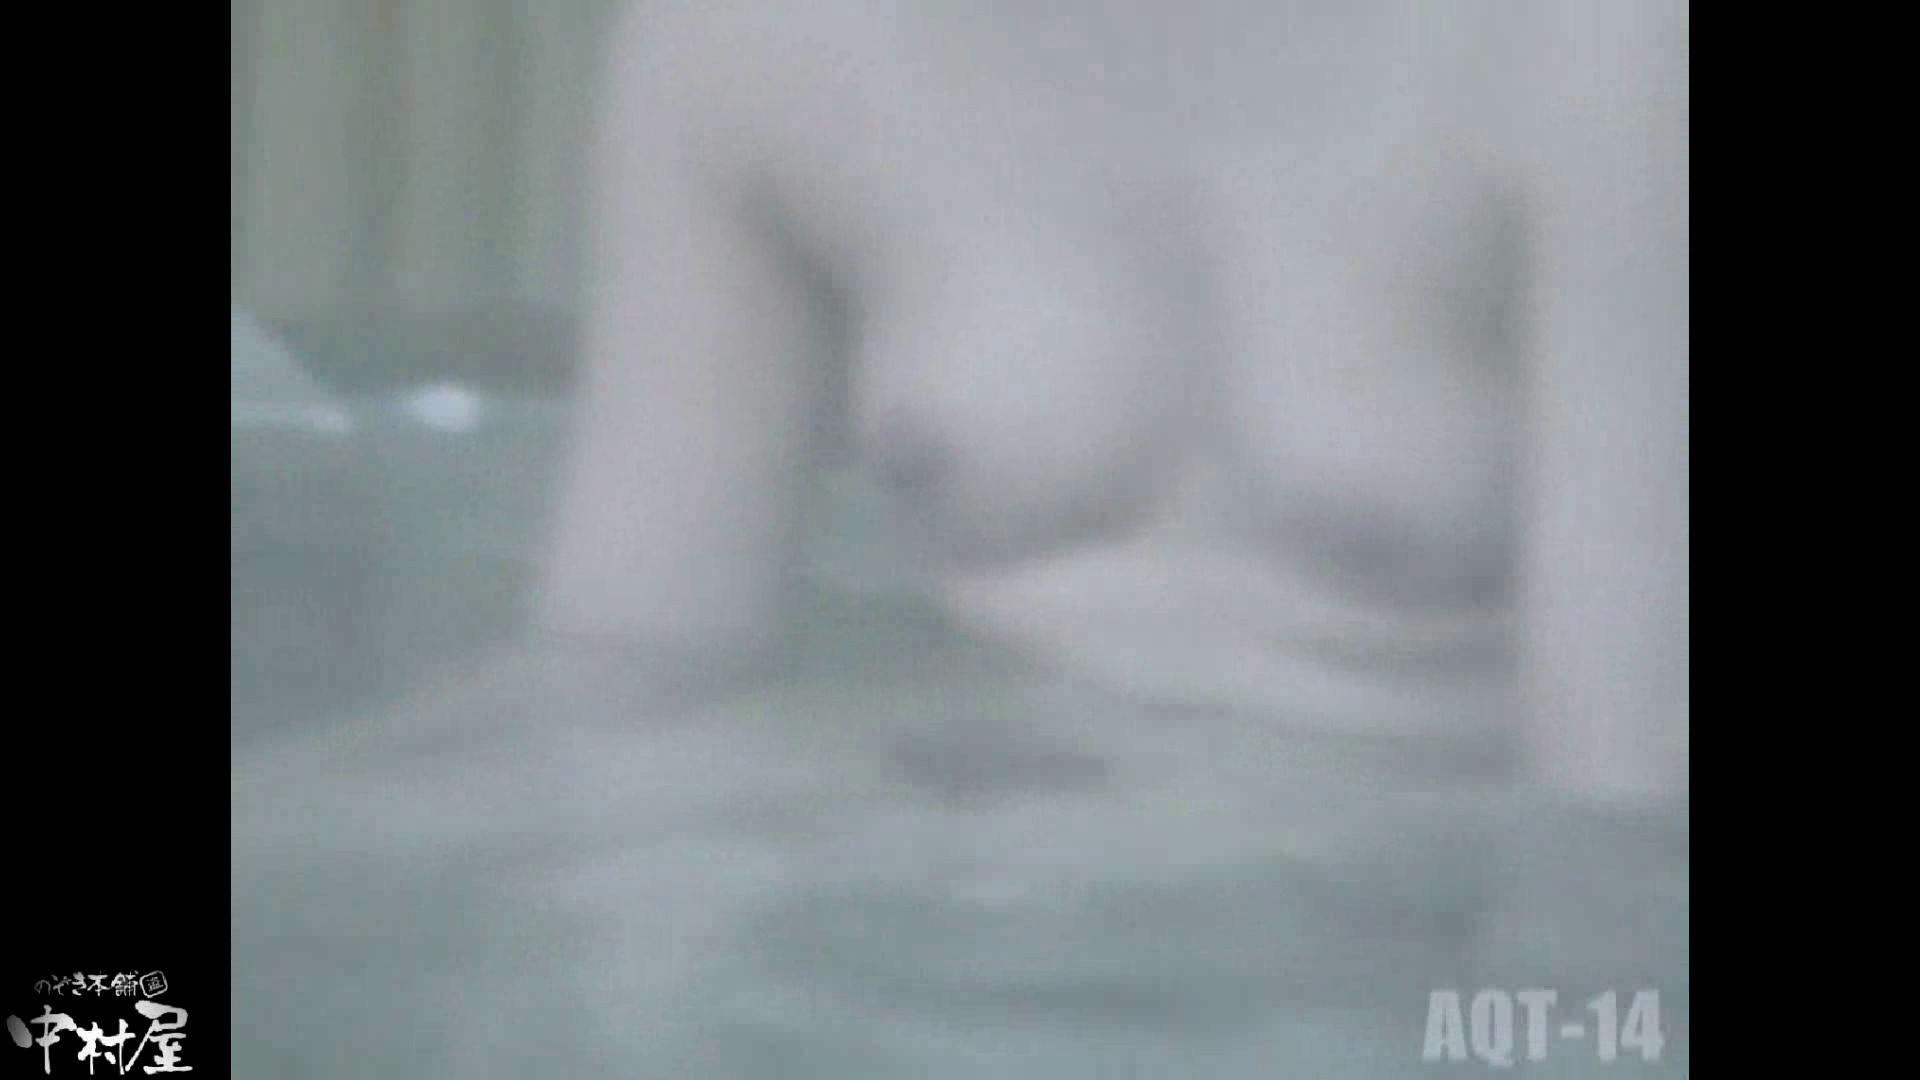 Aquaな露天風呂Vol.878潜入盗撮露天風呂十四判湯 其の十一 盗撮シリーズ | 露天風呂編  91PIX 88